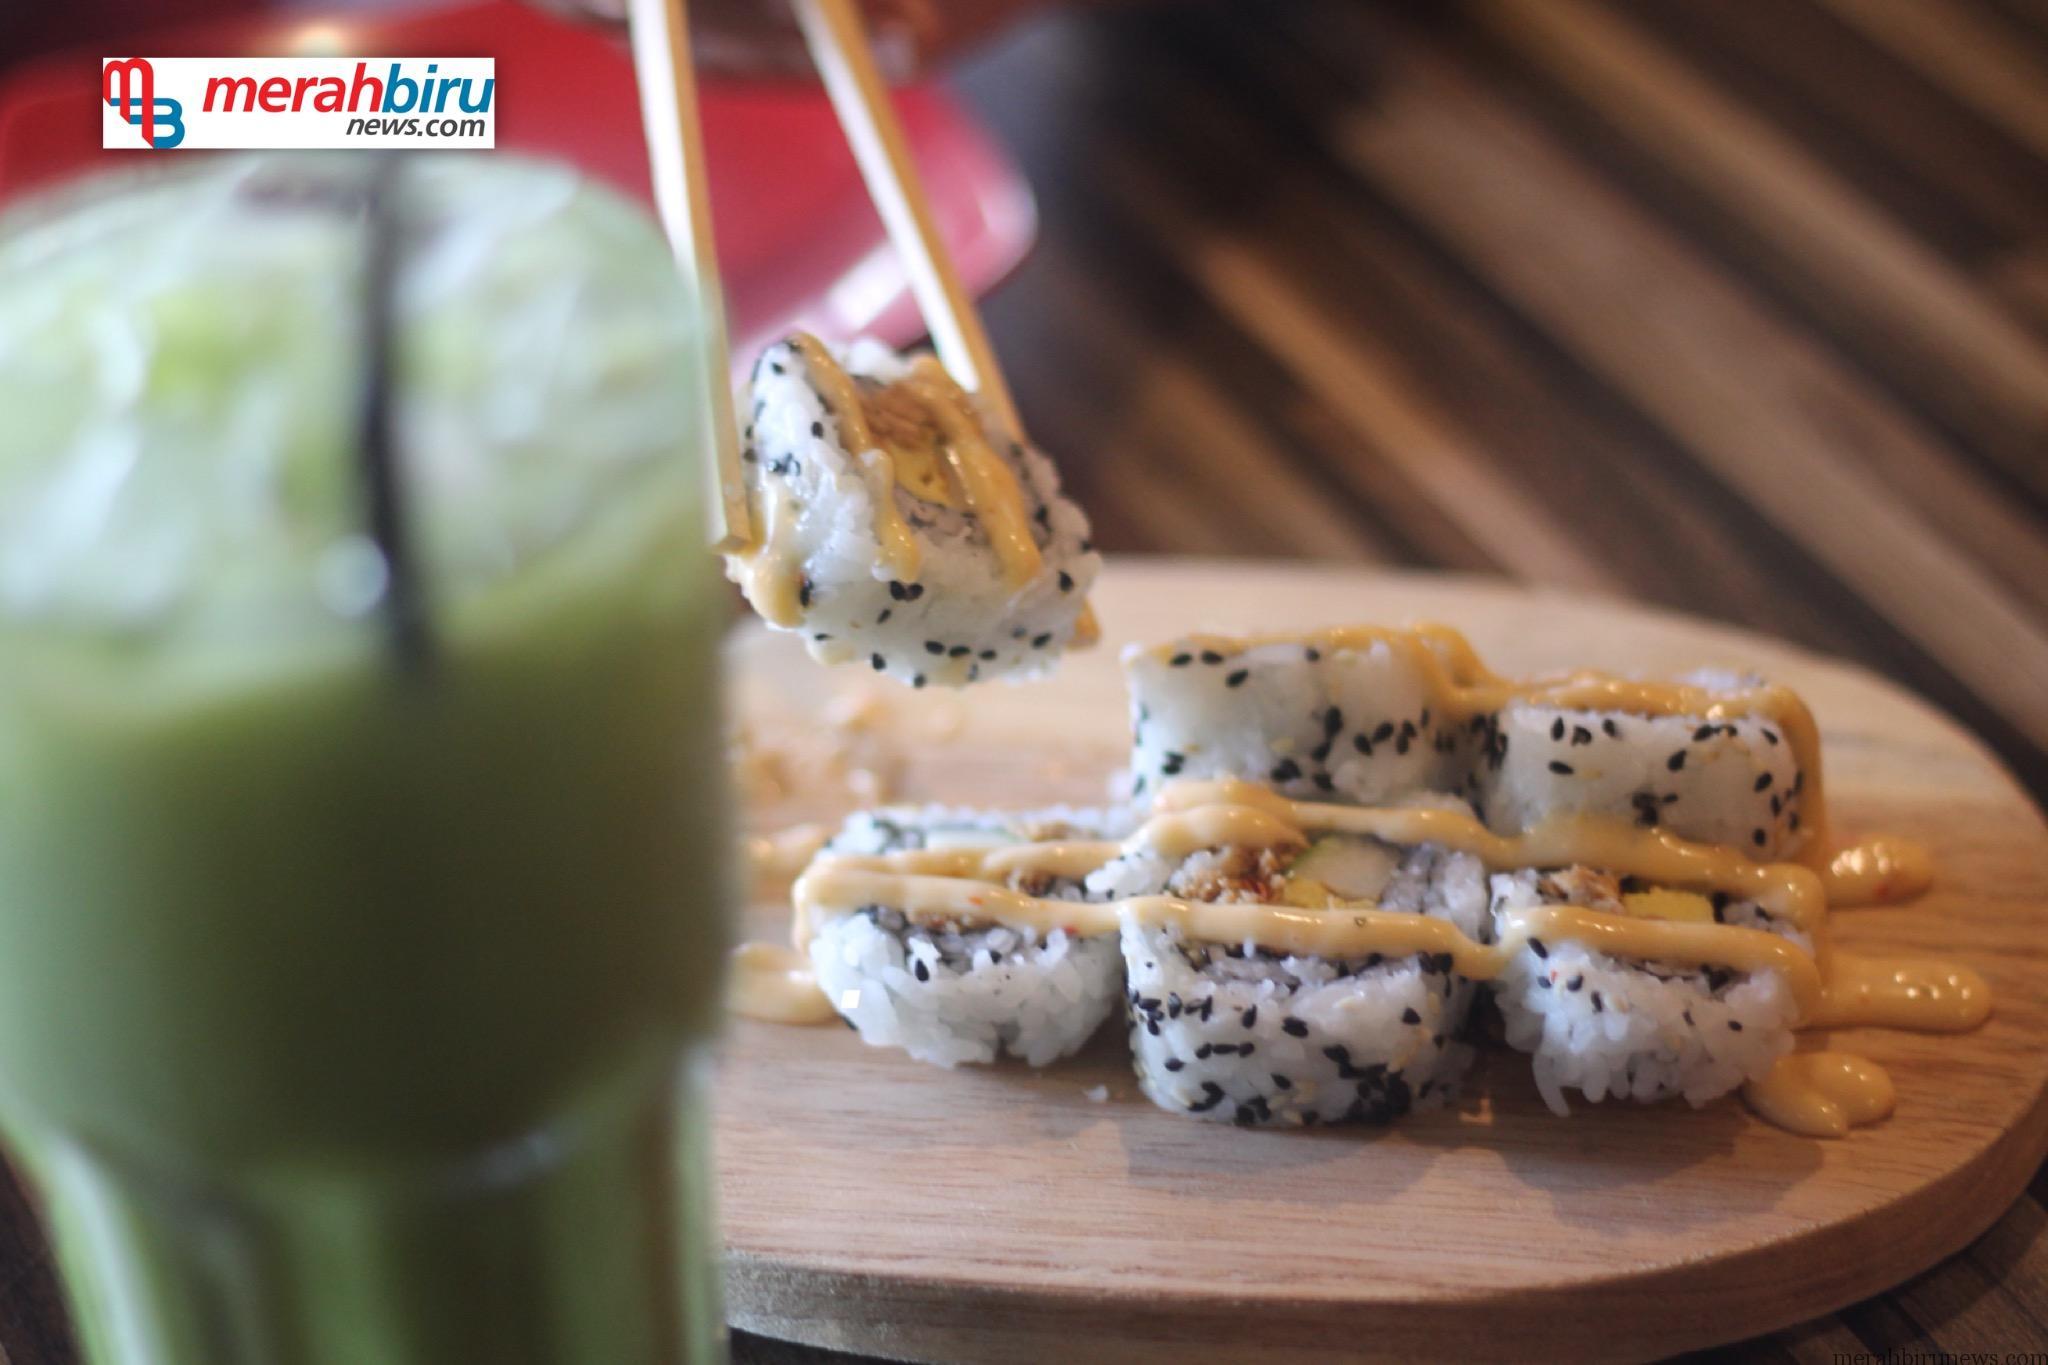 Kedai Ohayo Makanan Khas Jepang Menu Tuna Roll Dan Green Tea